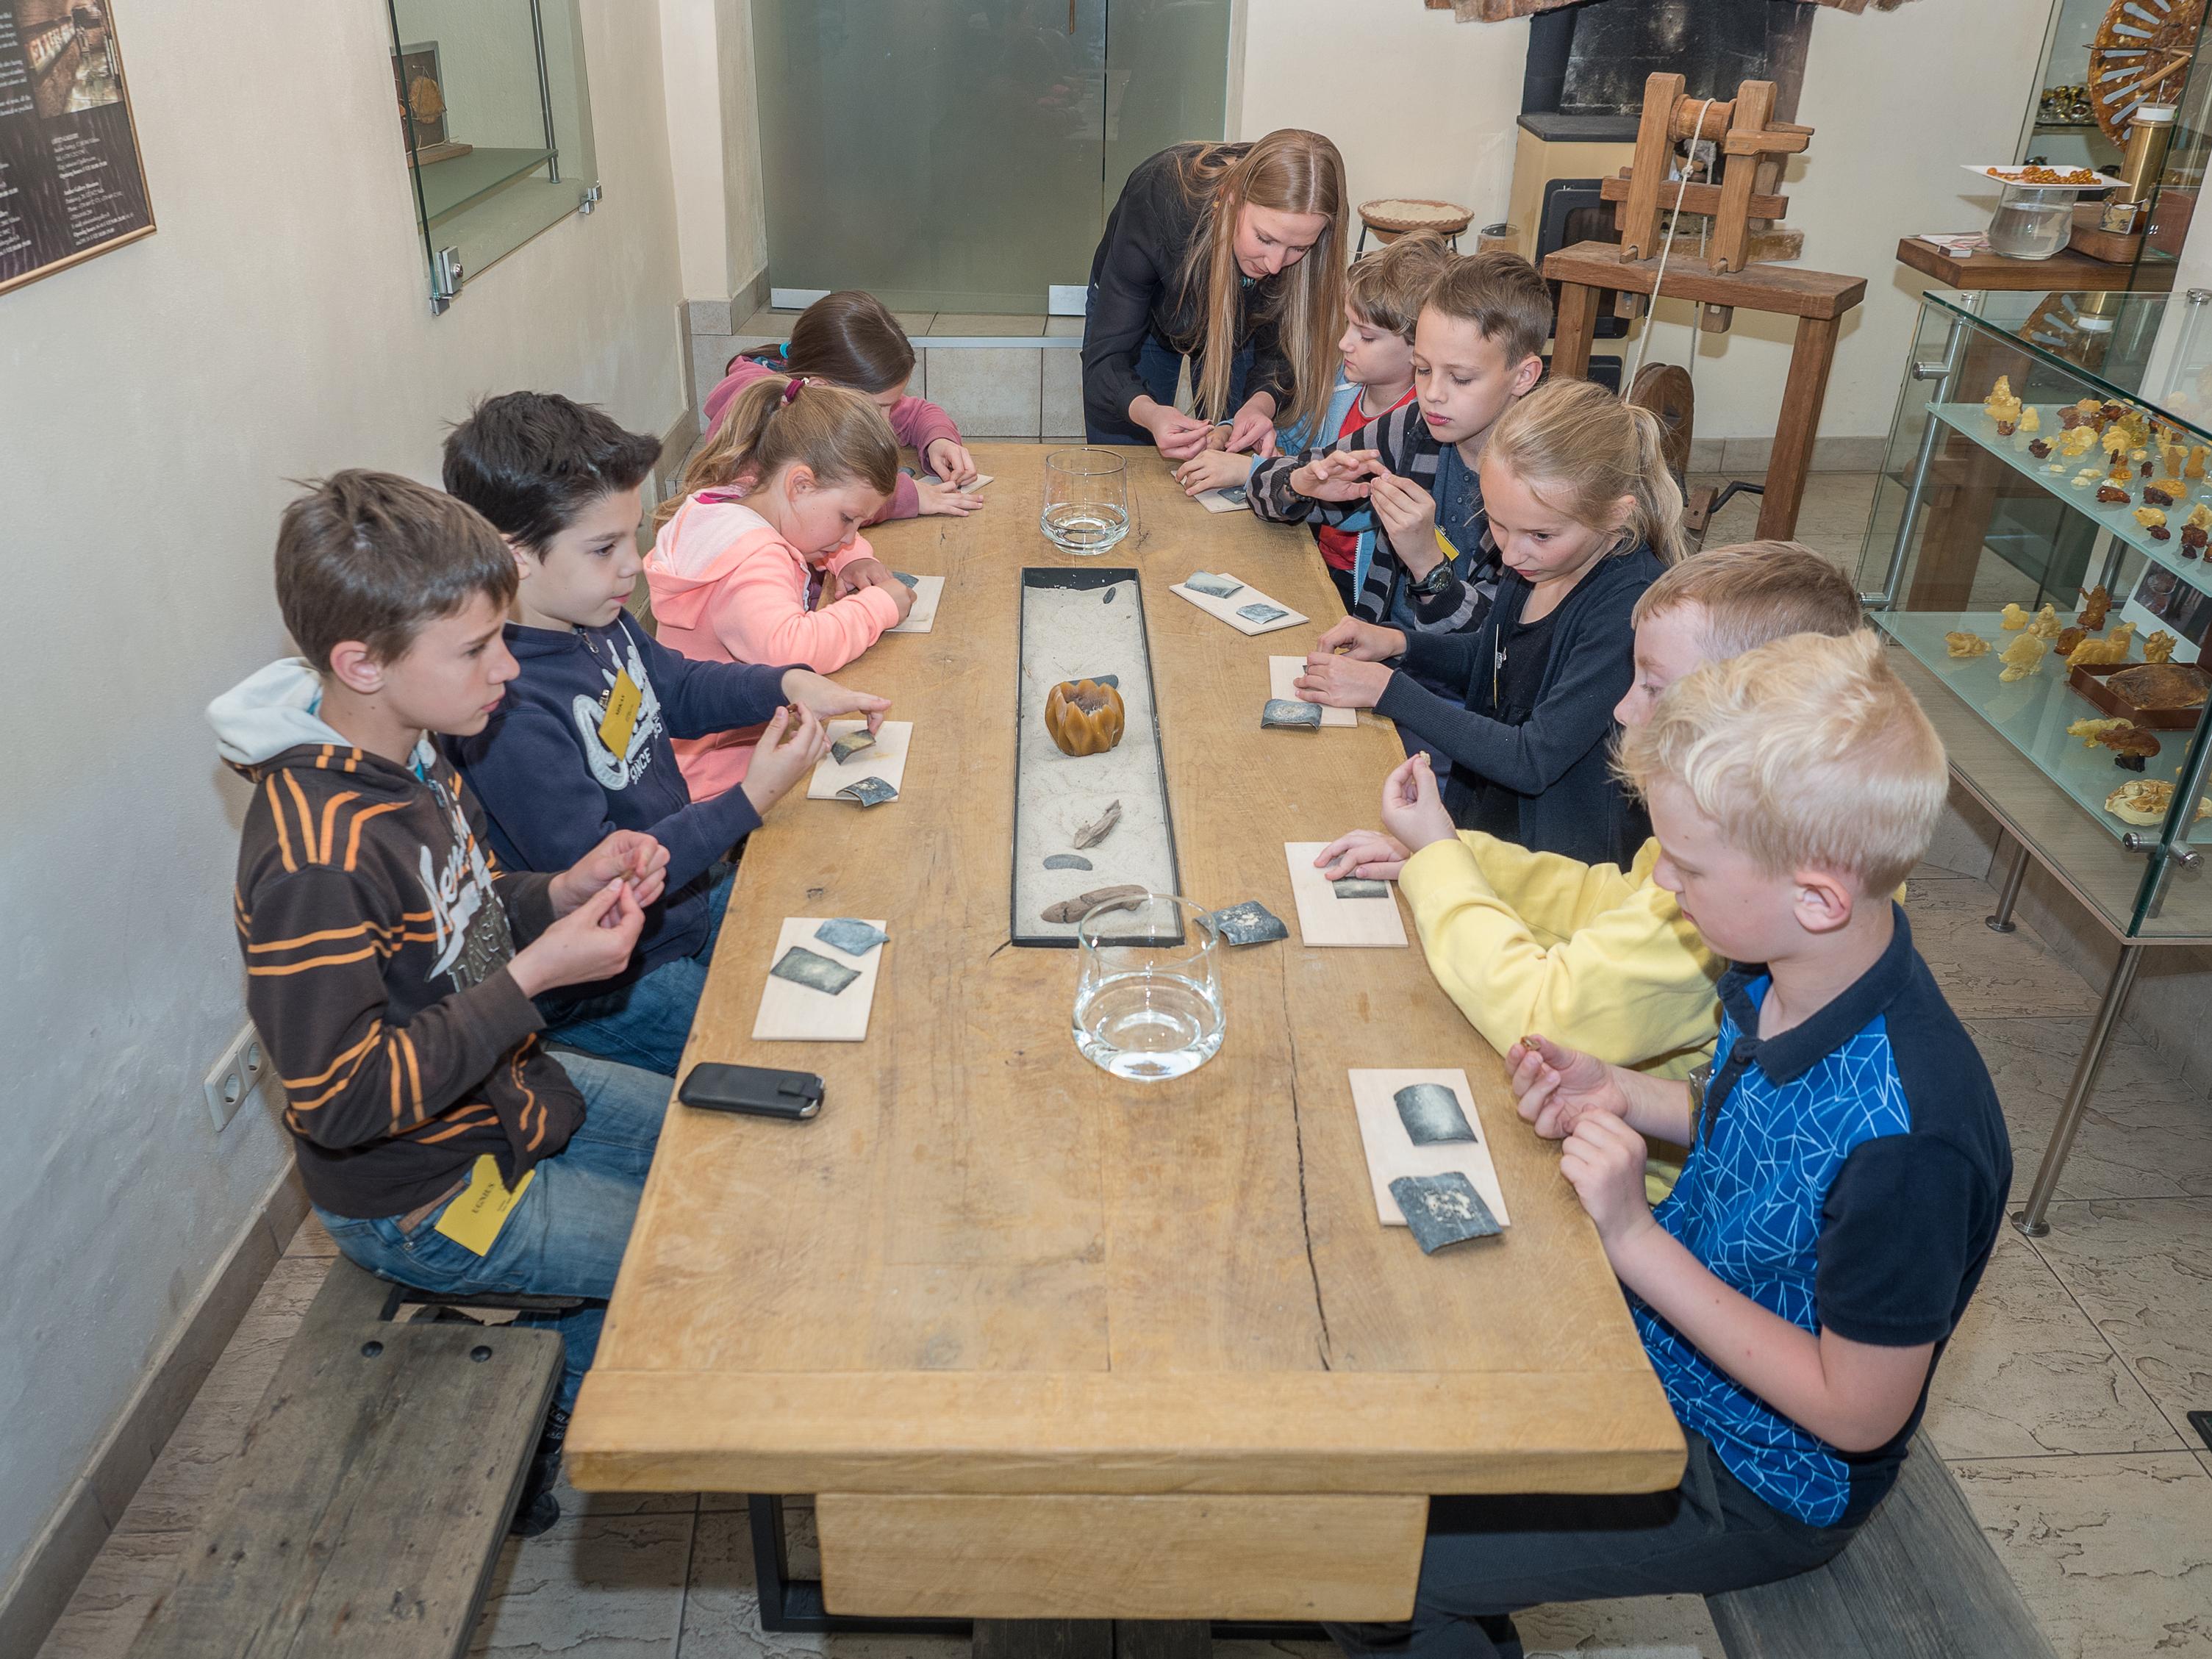 Gintaro galerija - dienos stovykla vaikams